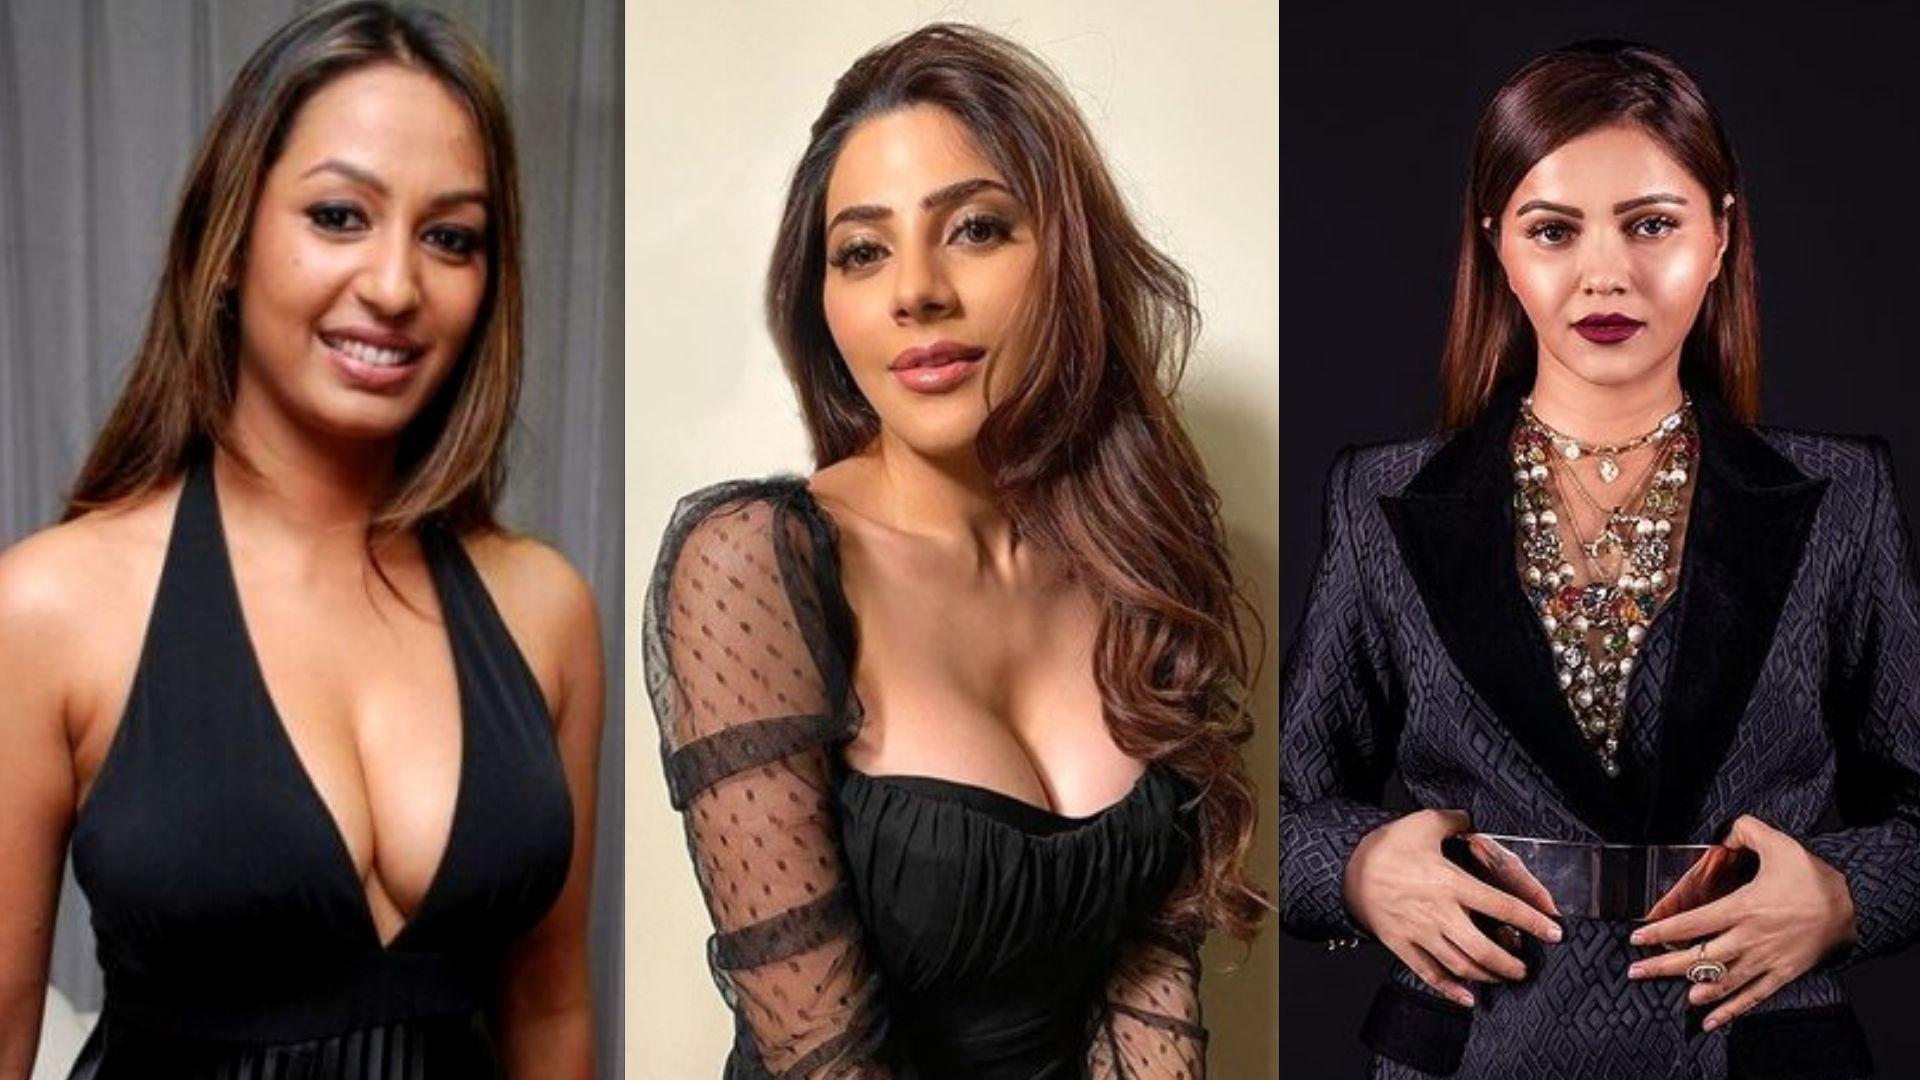 Bigg Boss 15: Kashmera Shah Takes A Dig At Nikki Tamboli And Rubina Dilaik Once Again For THIS Reason